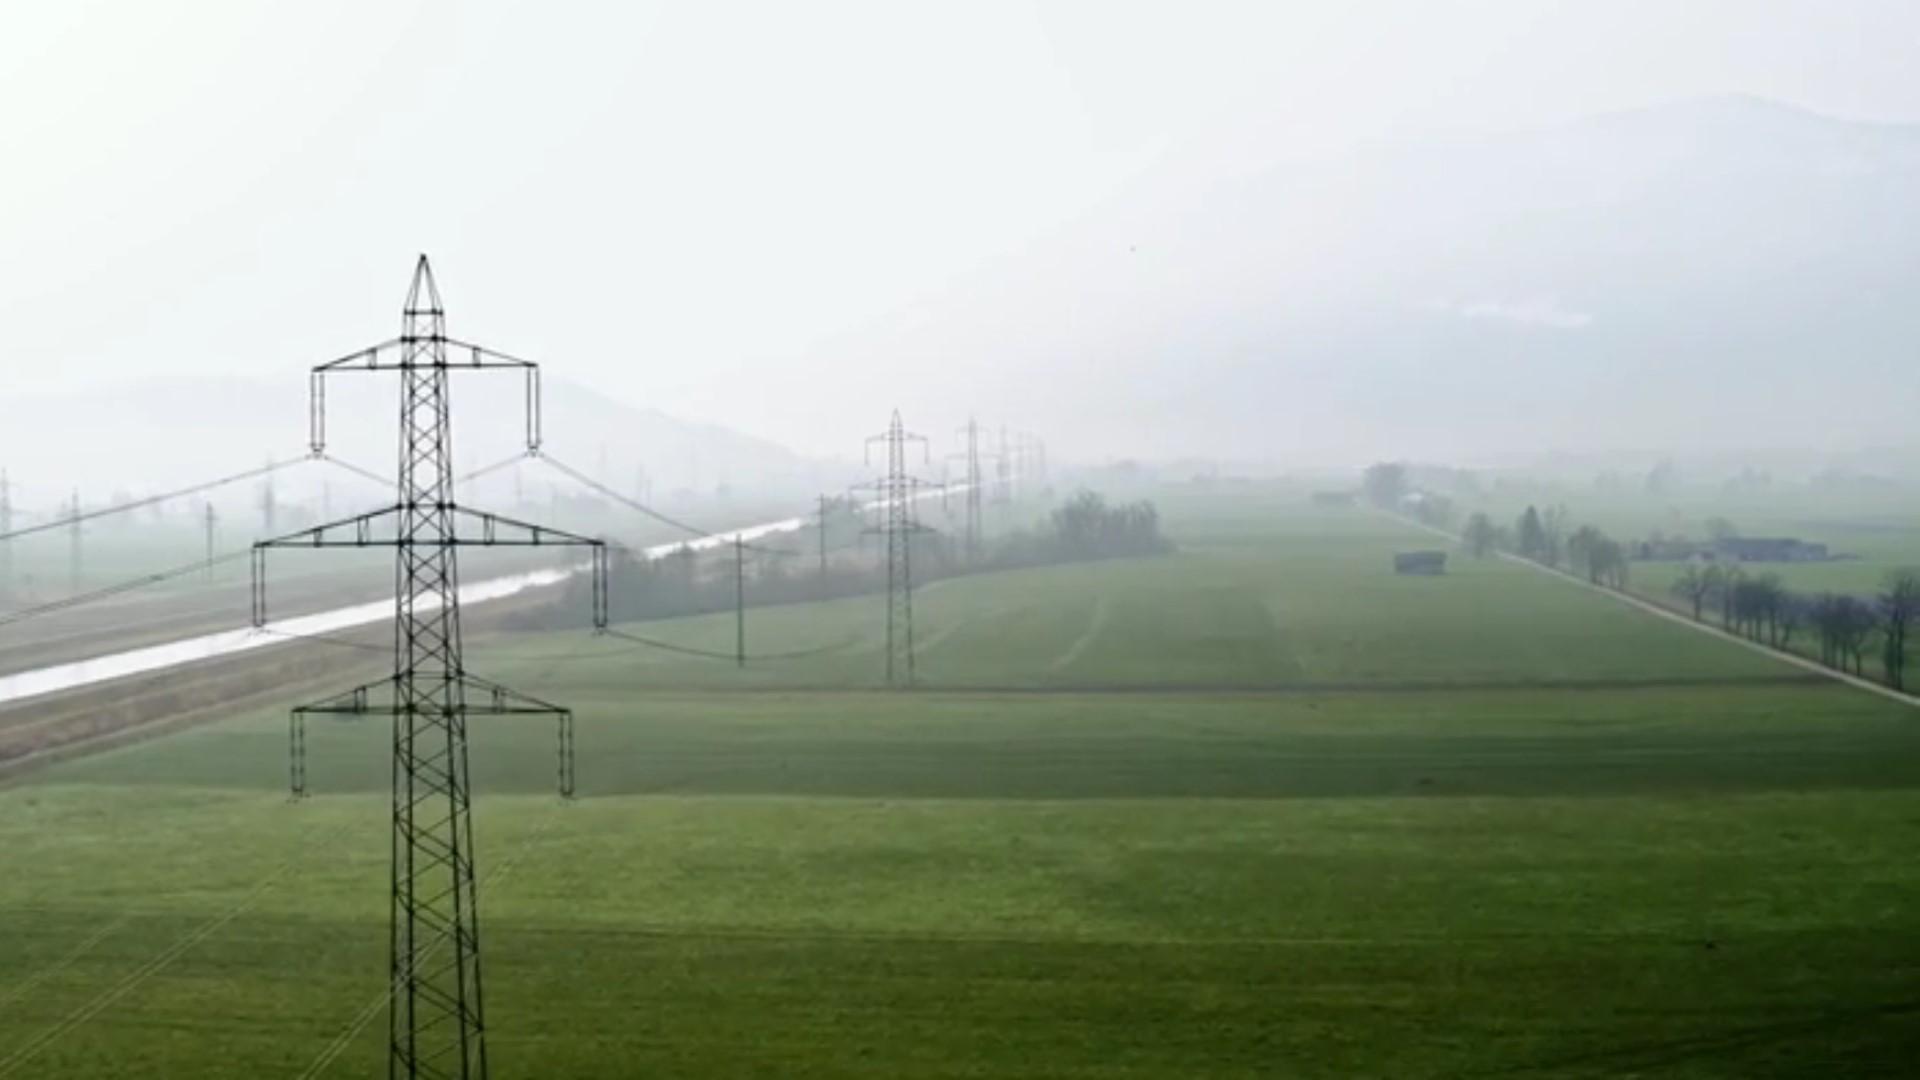 Swiss hybrid lines in the public eye